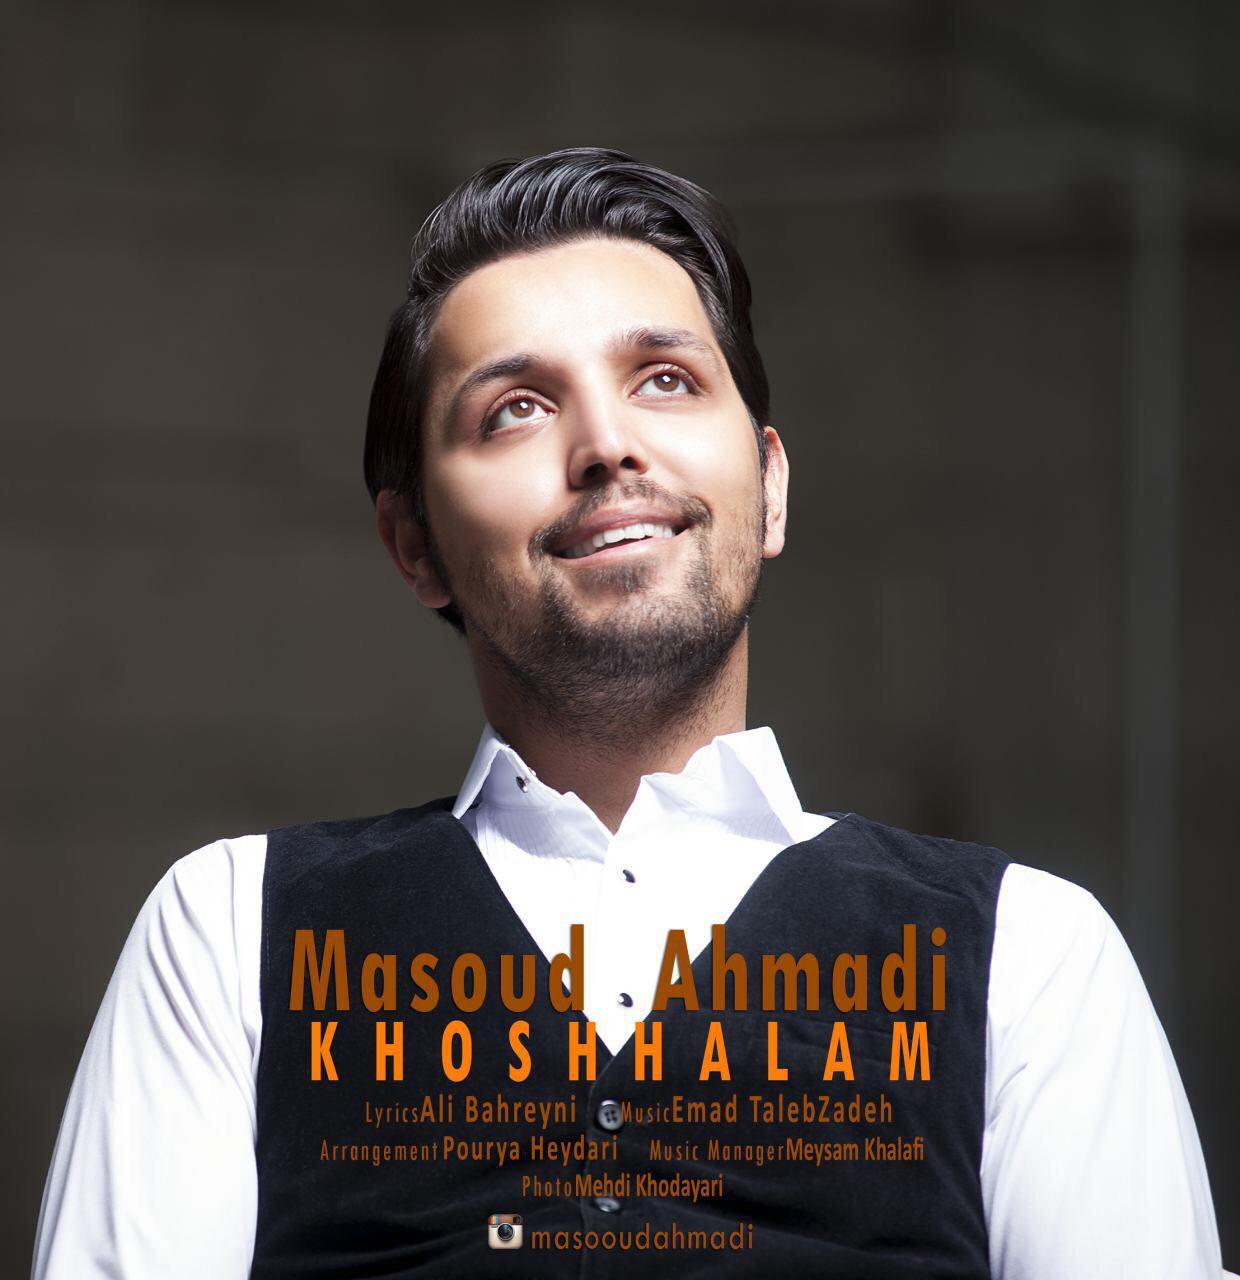 دانلود آهنگ جدید مسعود احمدی به نام خوش حالم